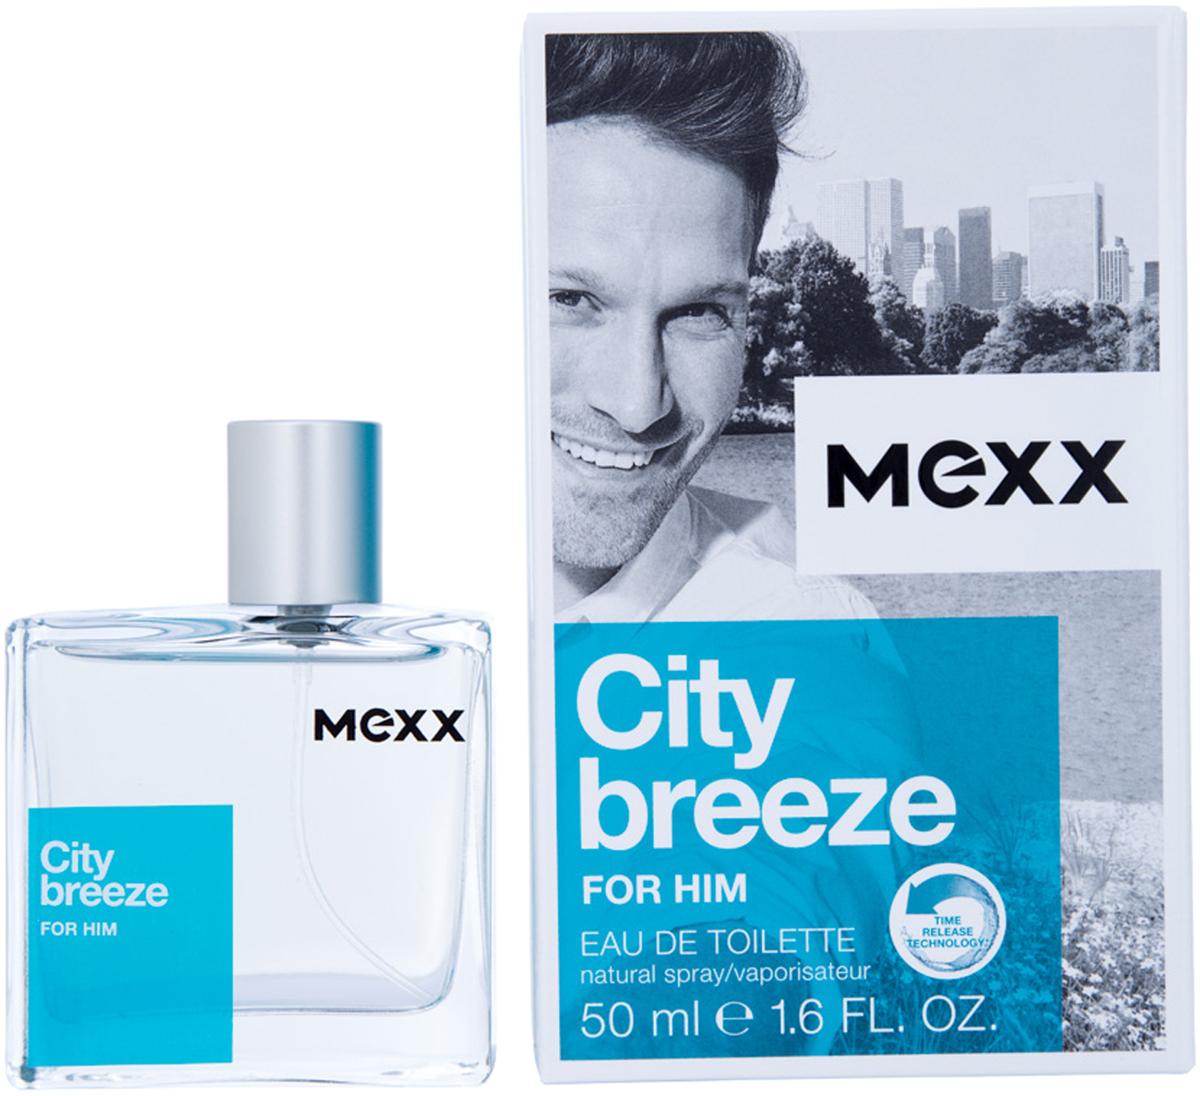 Mexx City Breeze Man Туалетная вода мужская, 50 мл8005610291420Жизнь в большом городе похожа на захватывающее приключение, но иногда городская суета угнетает. Mexx City Breeze, как глоток свежего воздуха, позволяет вырваться из городского стресса. Наслаждаясь захватывающей городской панорамой с высоты птичьего полета, почувствуй City Breeze.Краткий гид по парфюмерии: виды, ноты, ароматы, советы по выбору. Статья OZON Гид